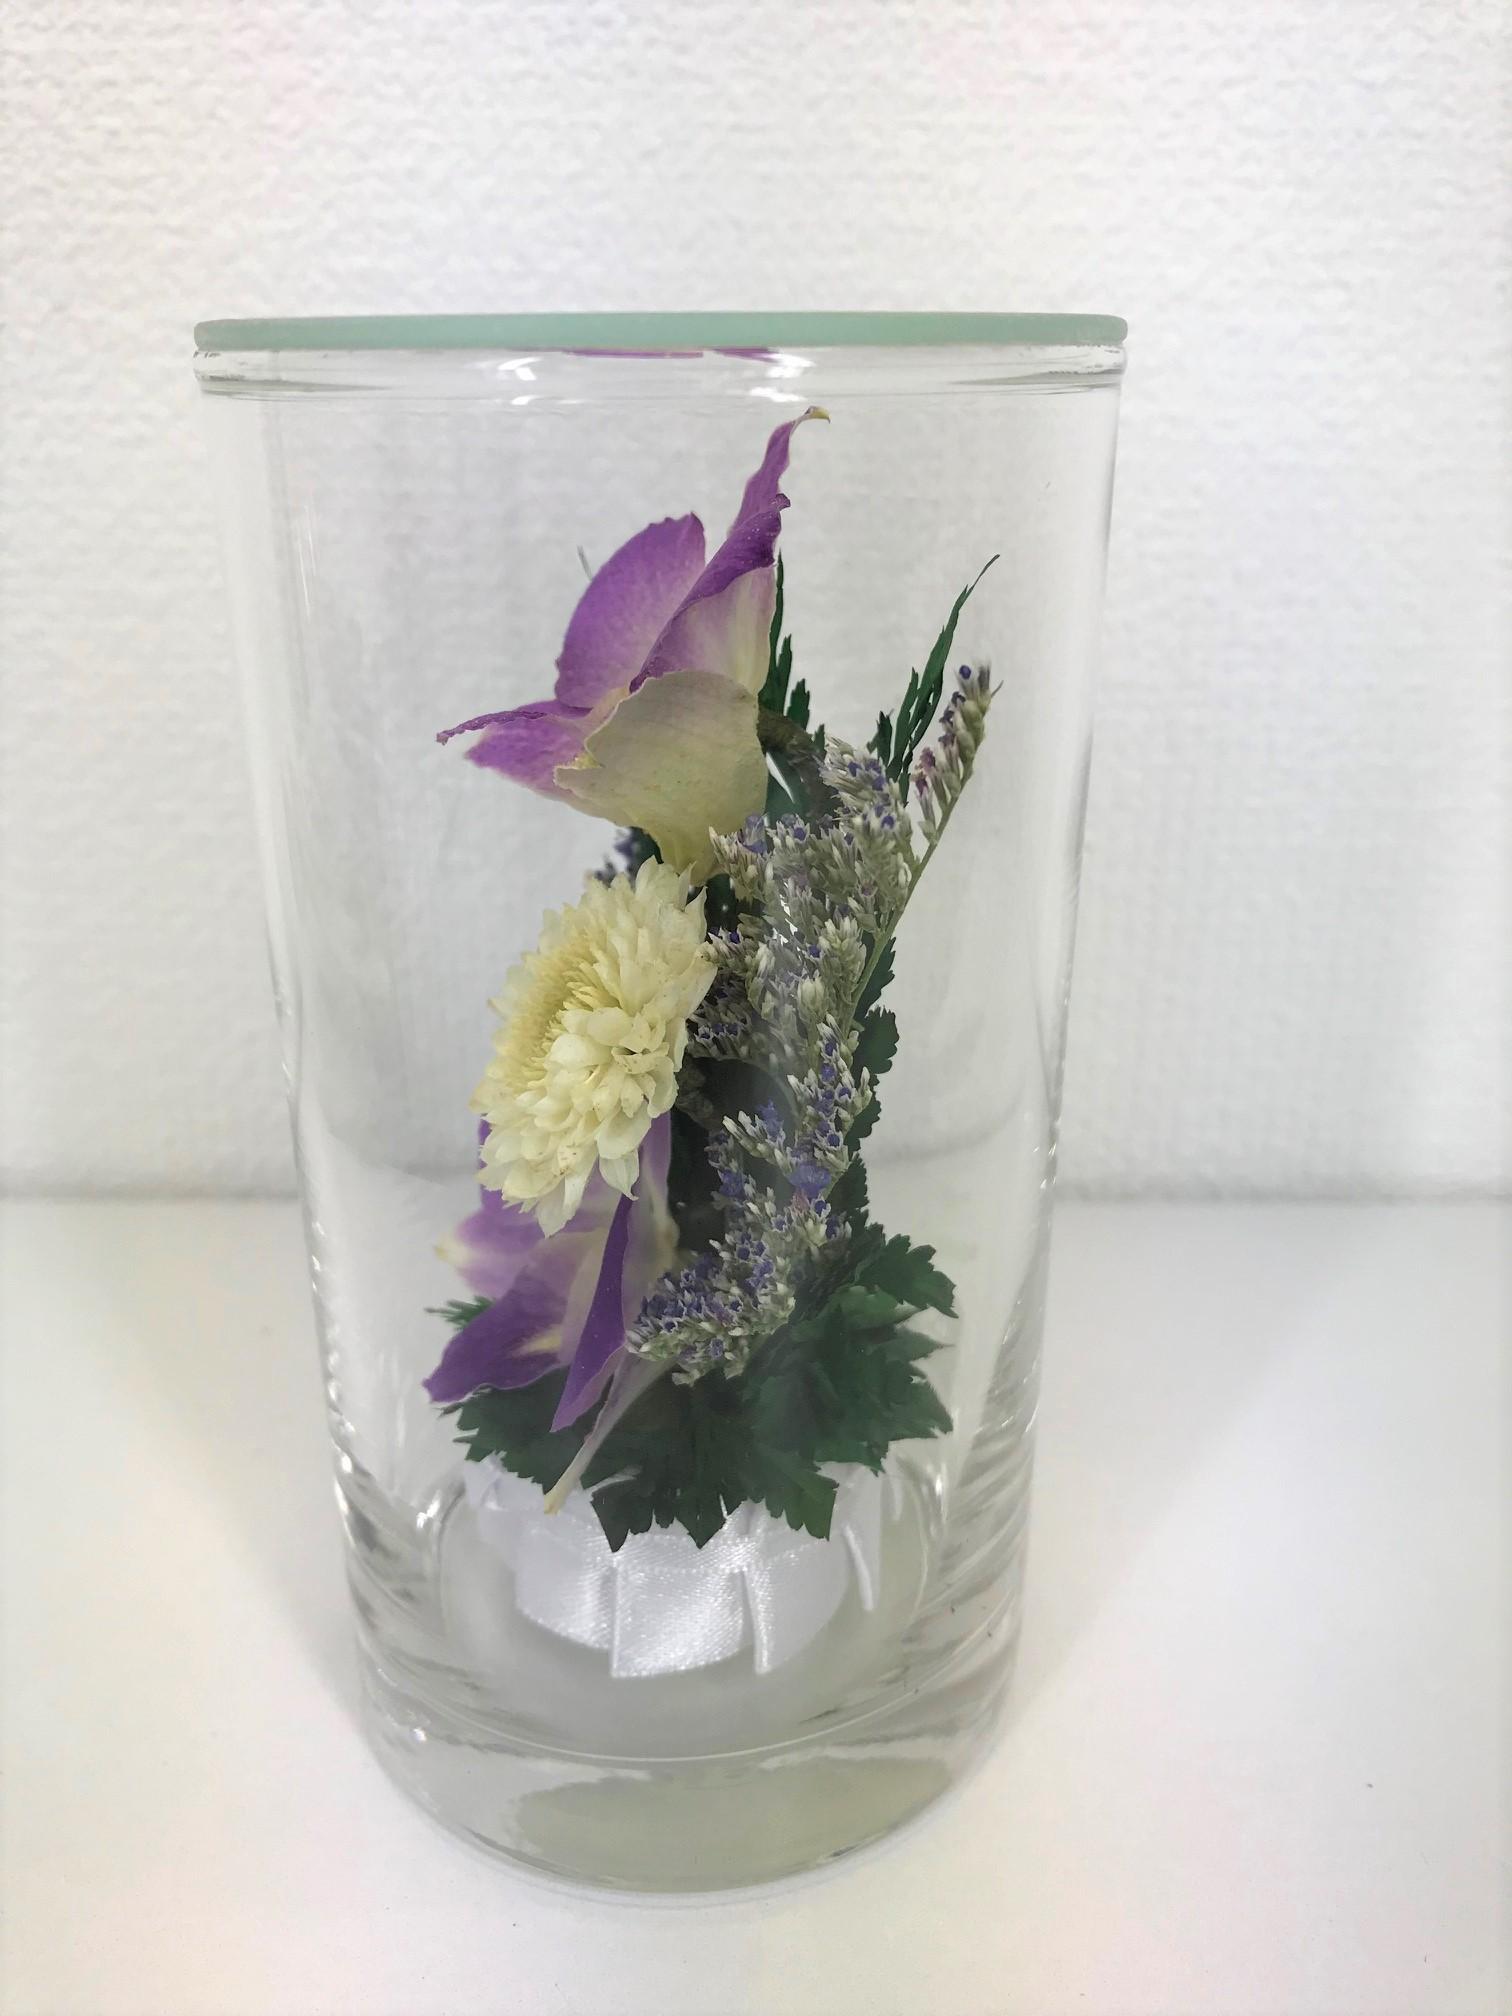 お盆のお供えに 仏花 ドライフラワー 双紫(そうし) 1個 - 5